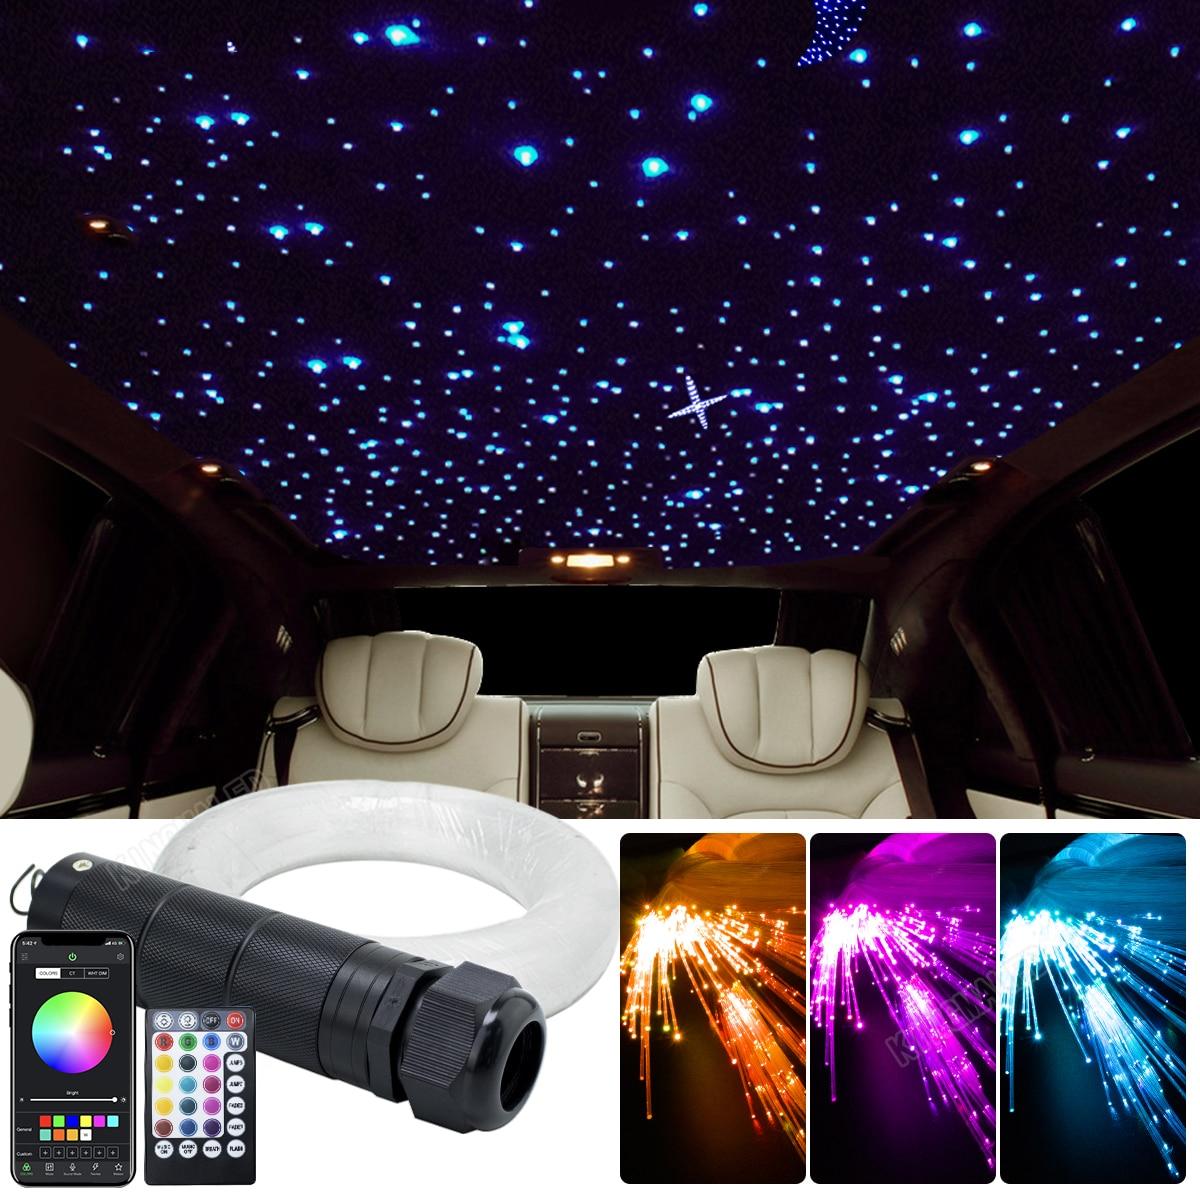 DC12V 6W RGB  Car Roof Star Lights LED Fiber Optic star ceiling Light kits  2M 0.75mm 100~460pcs Optical fiber with RF control